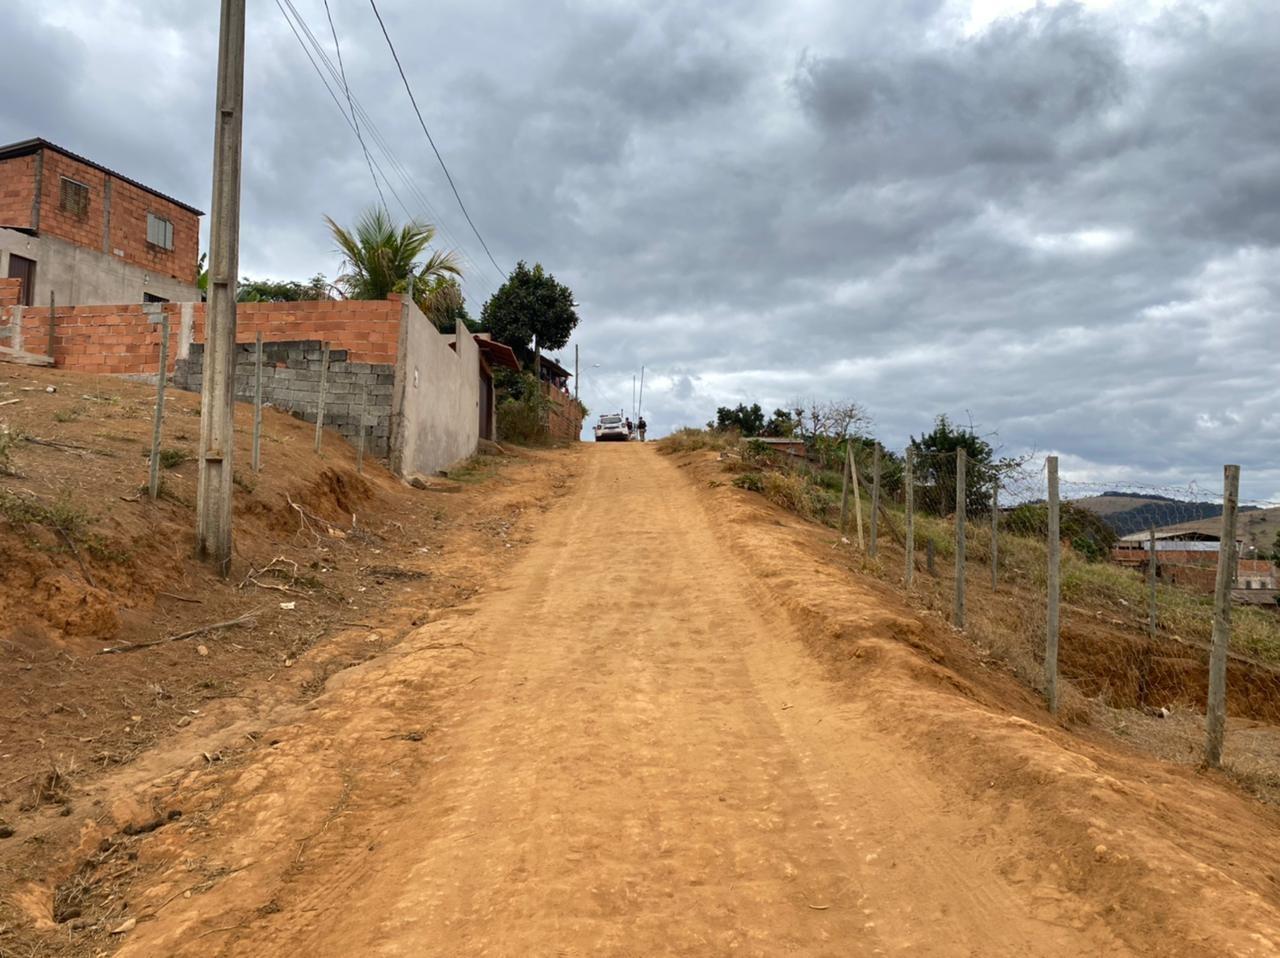 Homem é morto a tiros em São Cândido, distrito de Caratinga